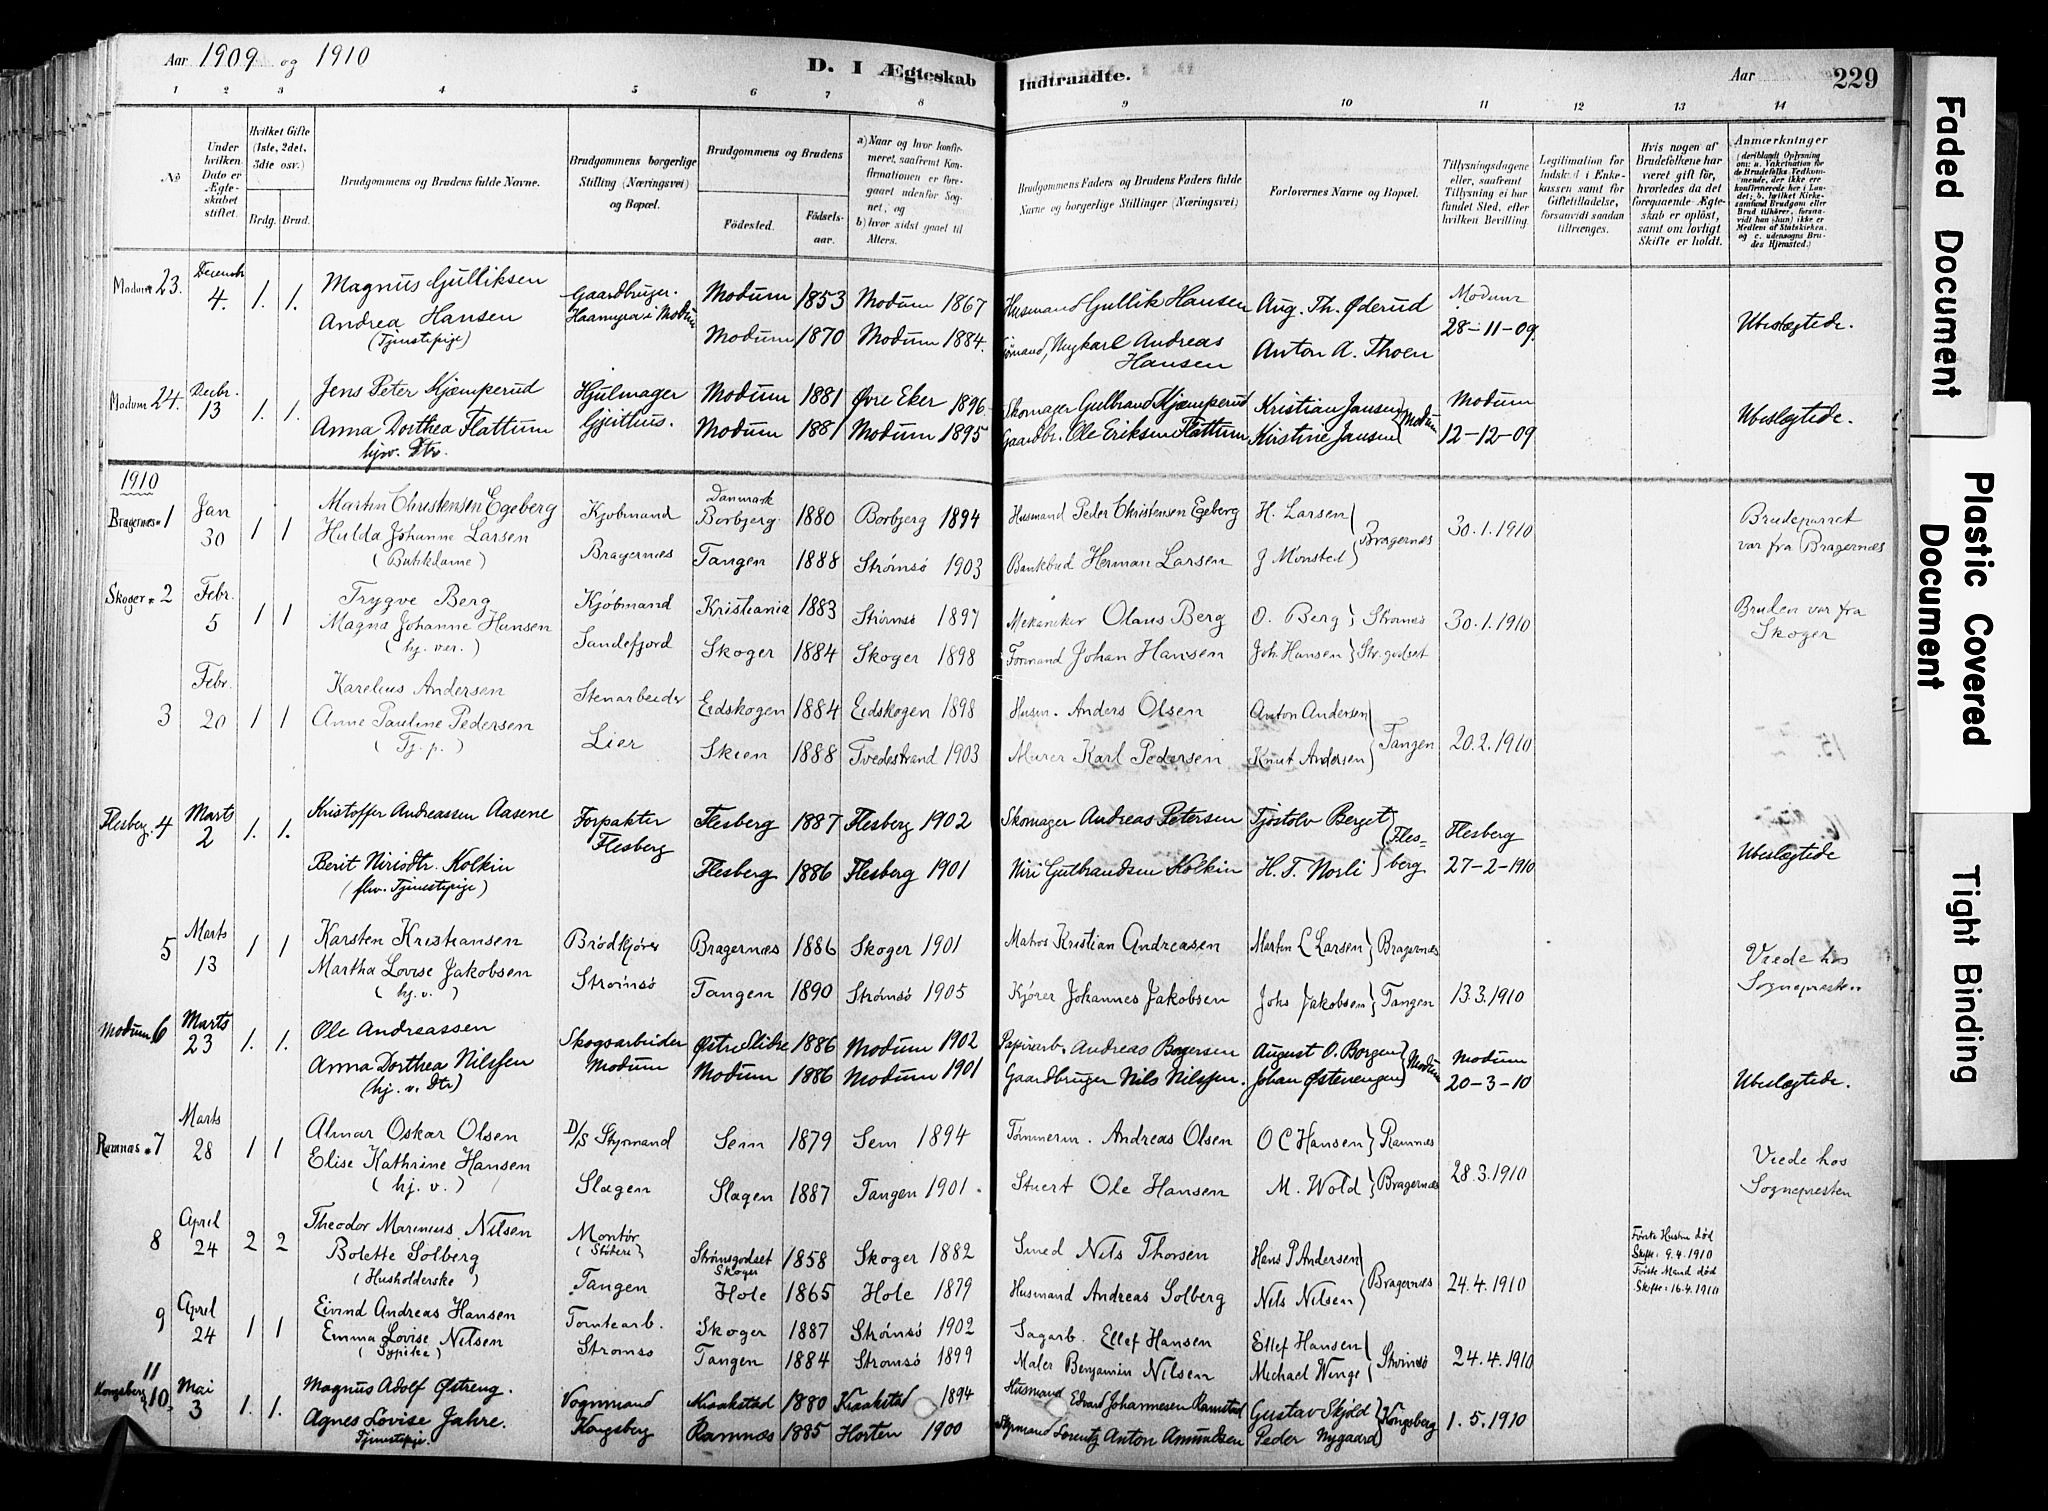 SAKO, Strømsø kirkebøker, F/Fb/L0006: Ministerialbok nr. II 6, 1879-1910, s. 229